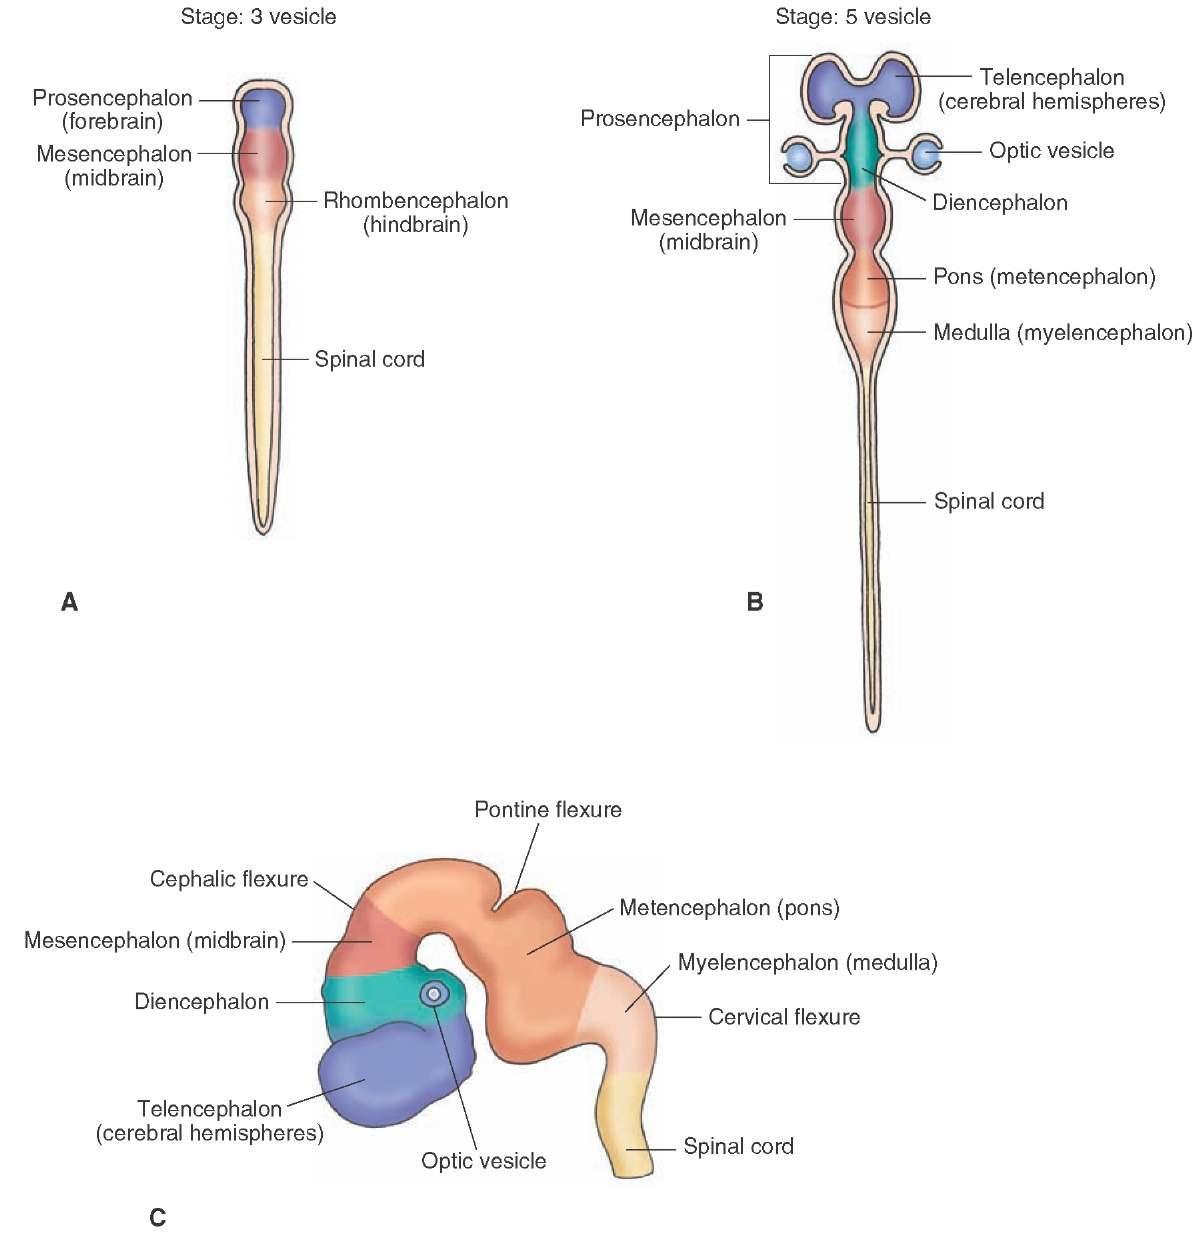 Prosencephalon; Forebrain